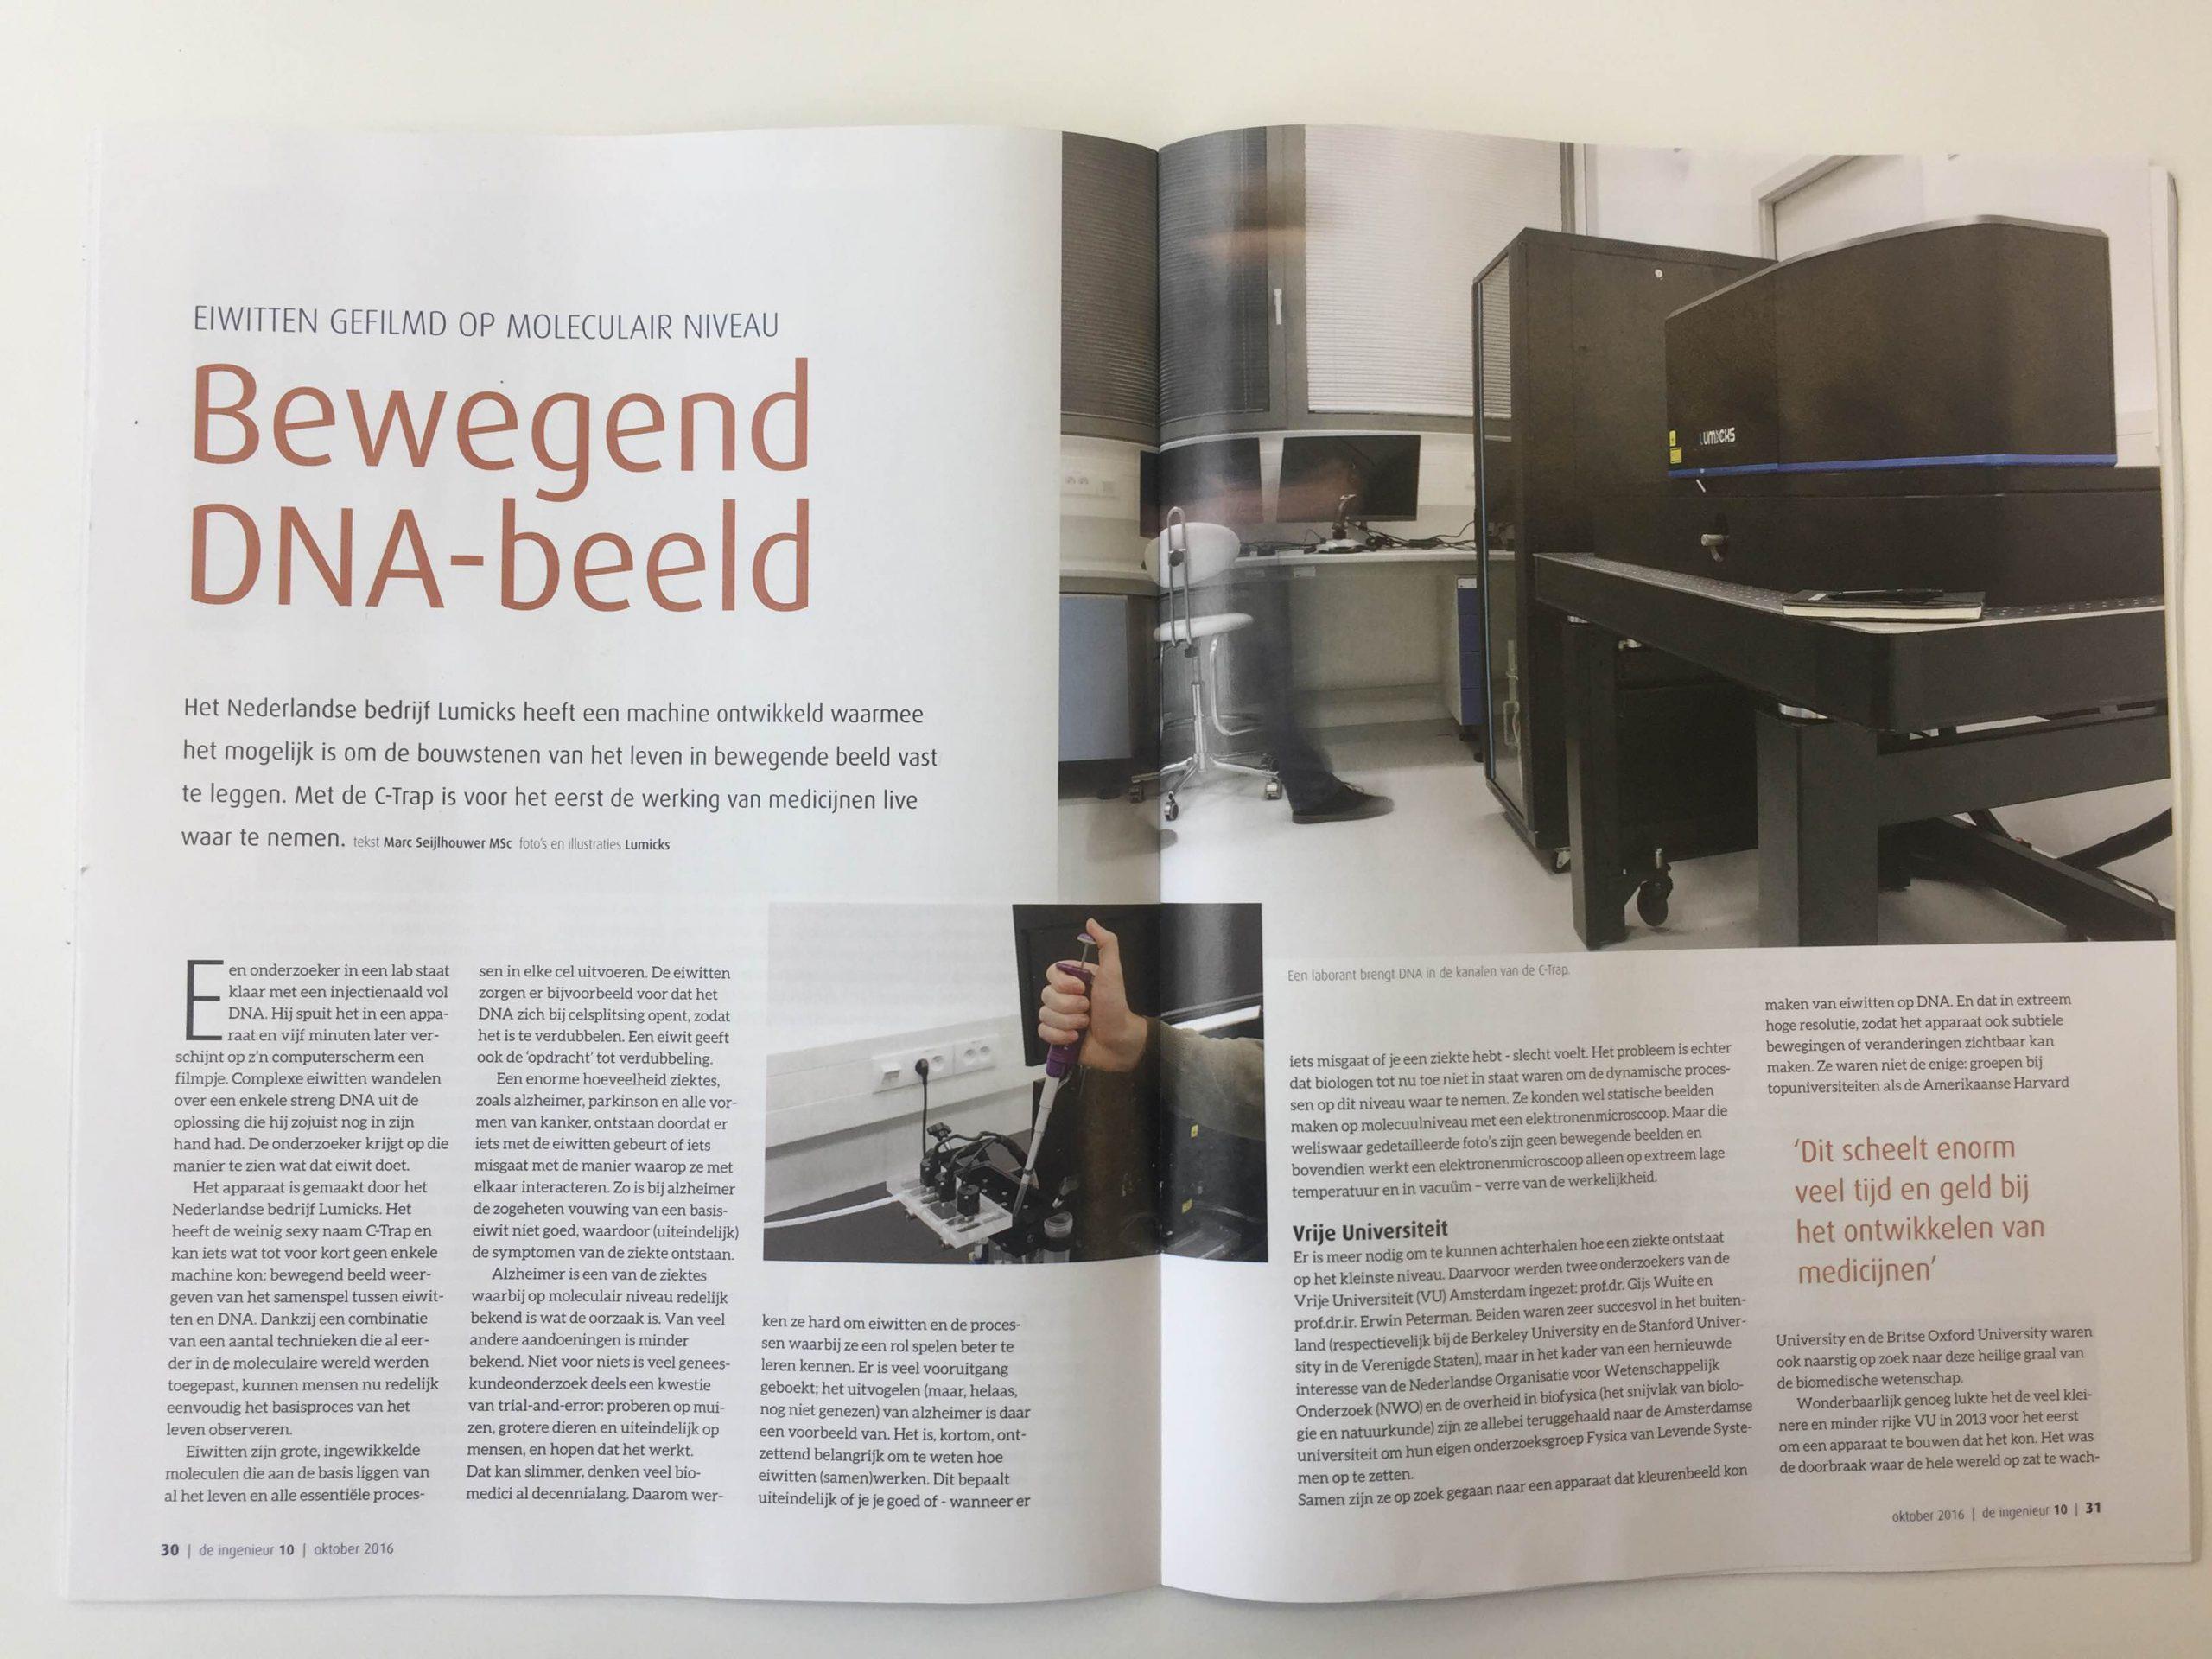 de-ingenieur-newsitem-optical-tweezers-fluorescence-microscopy